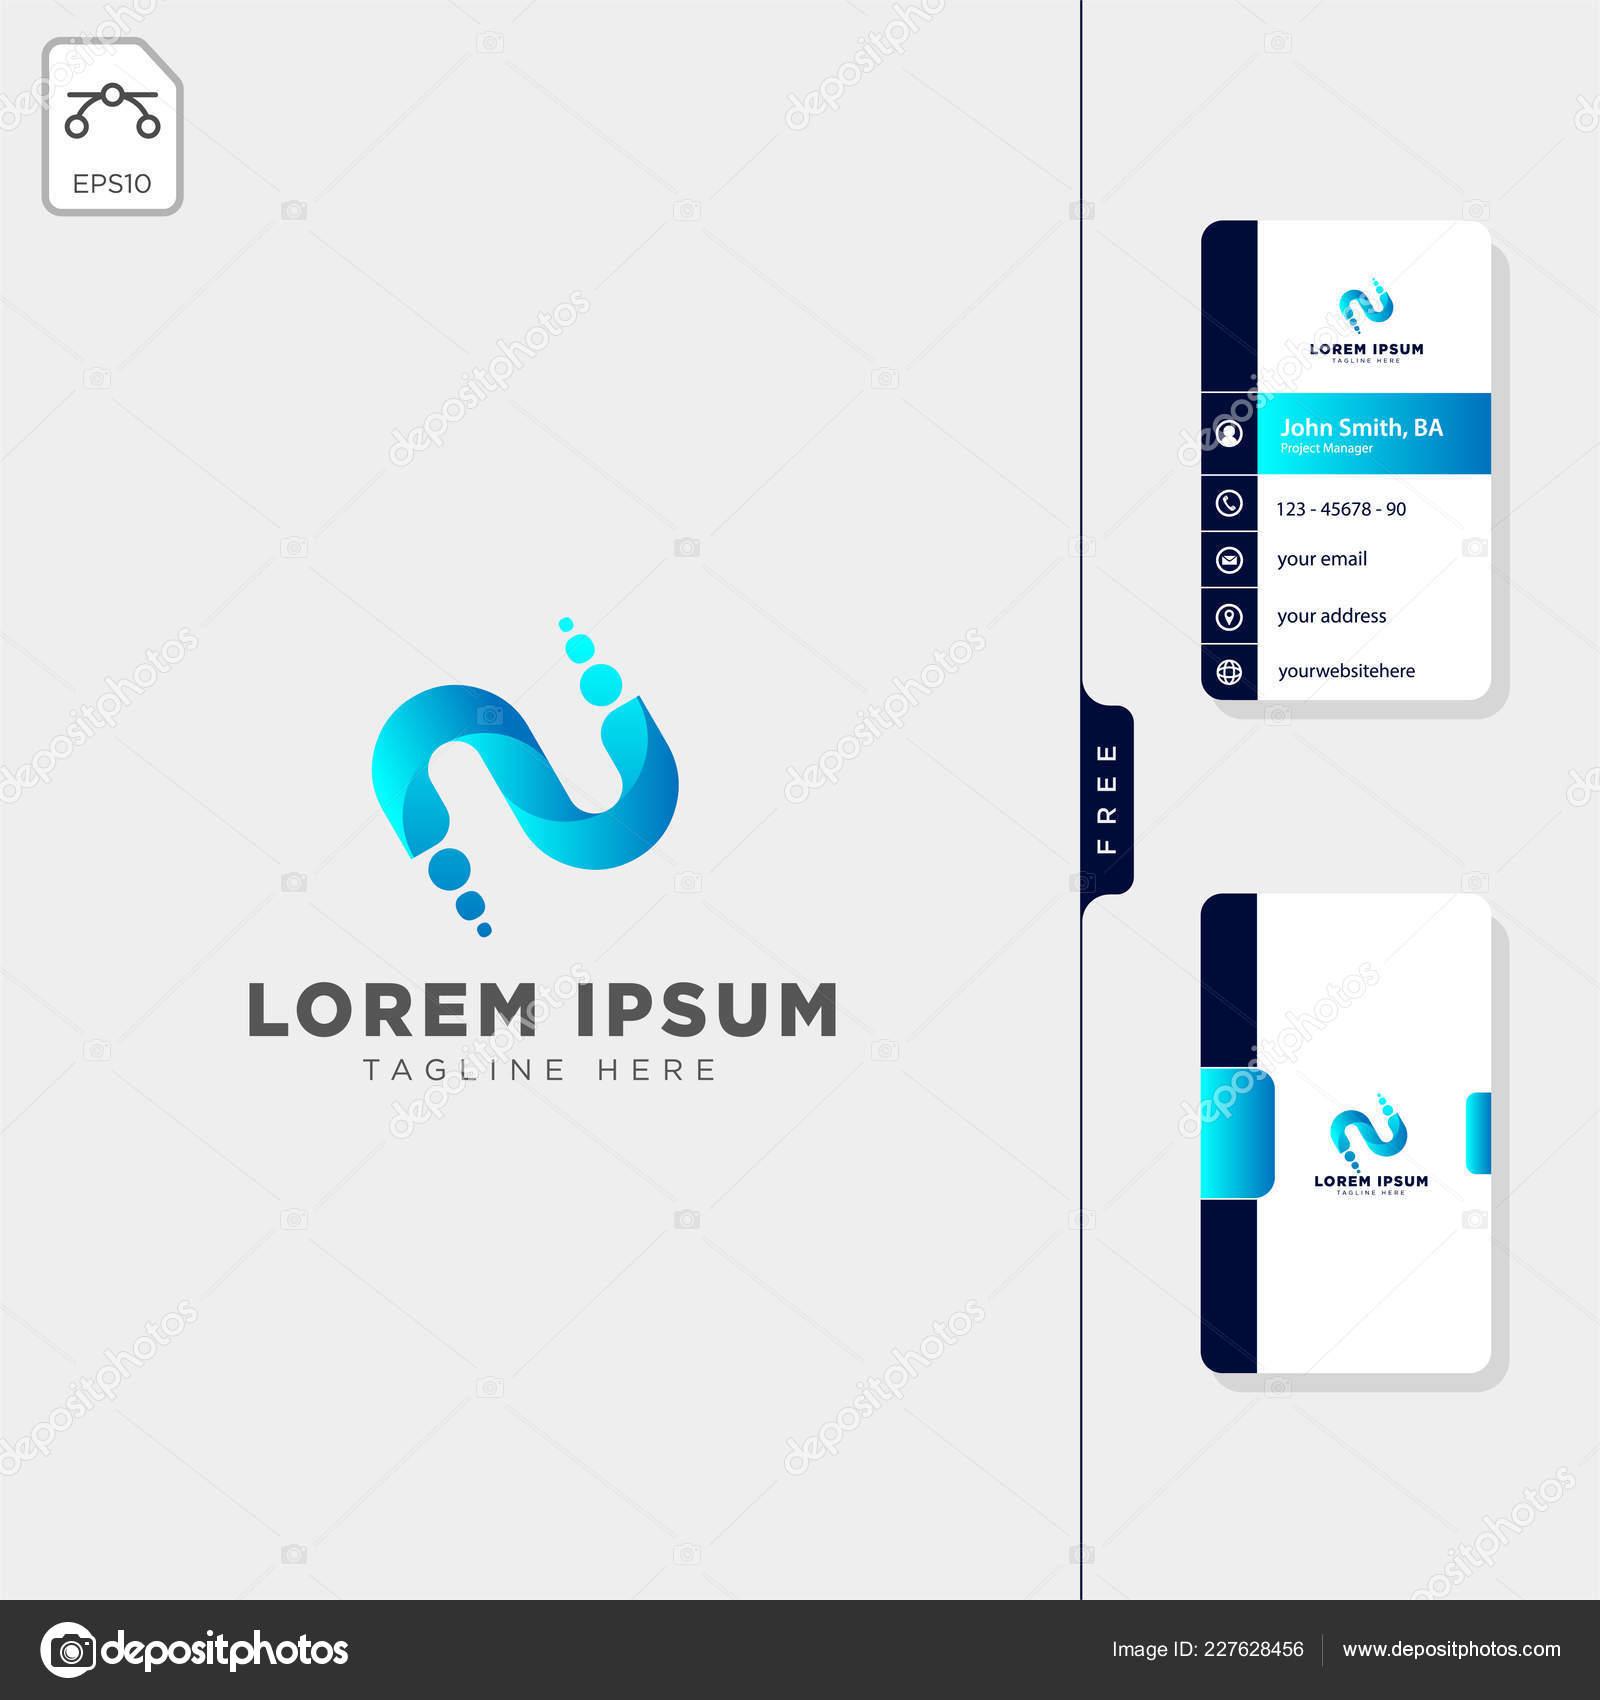 Minimale Ersten Logo Vorlage Vektor Illustration Erhalten